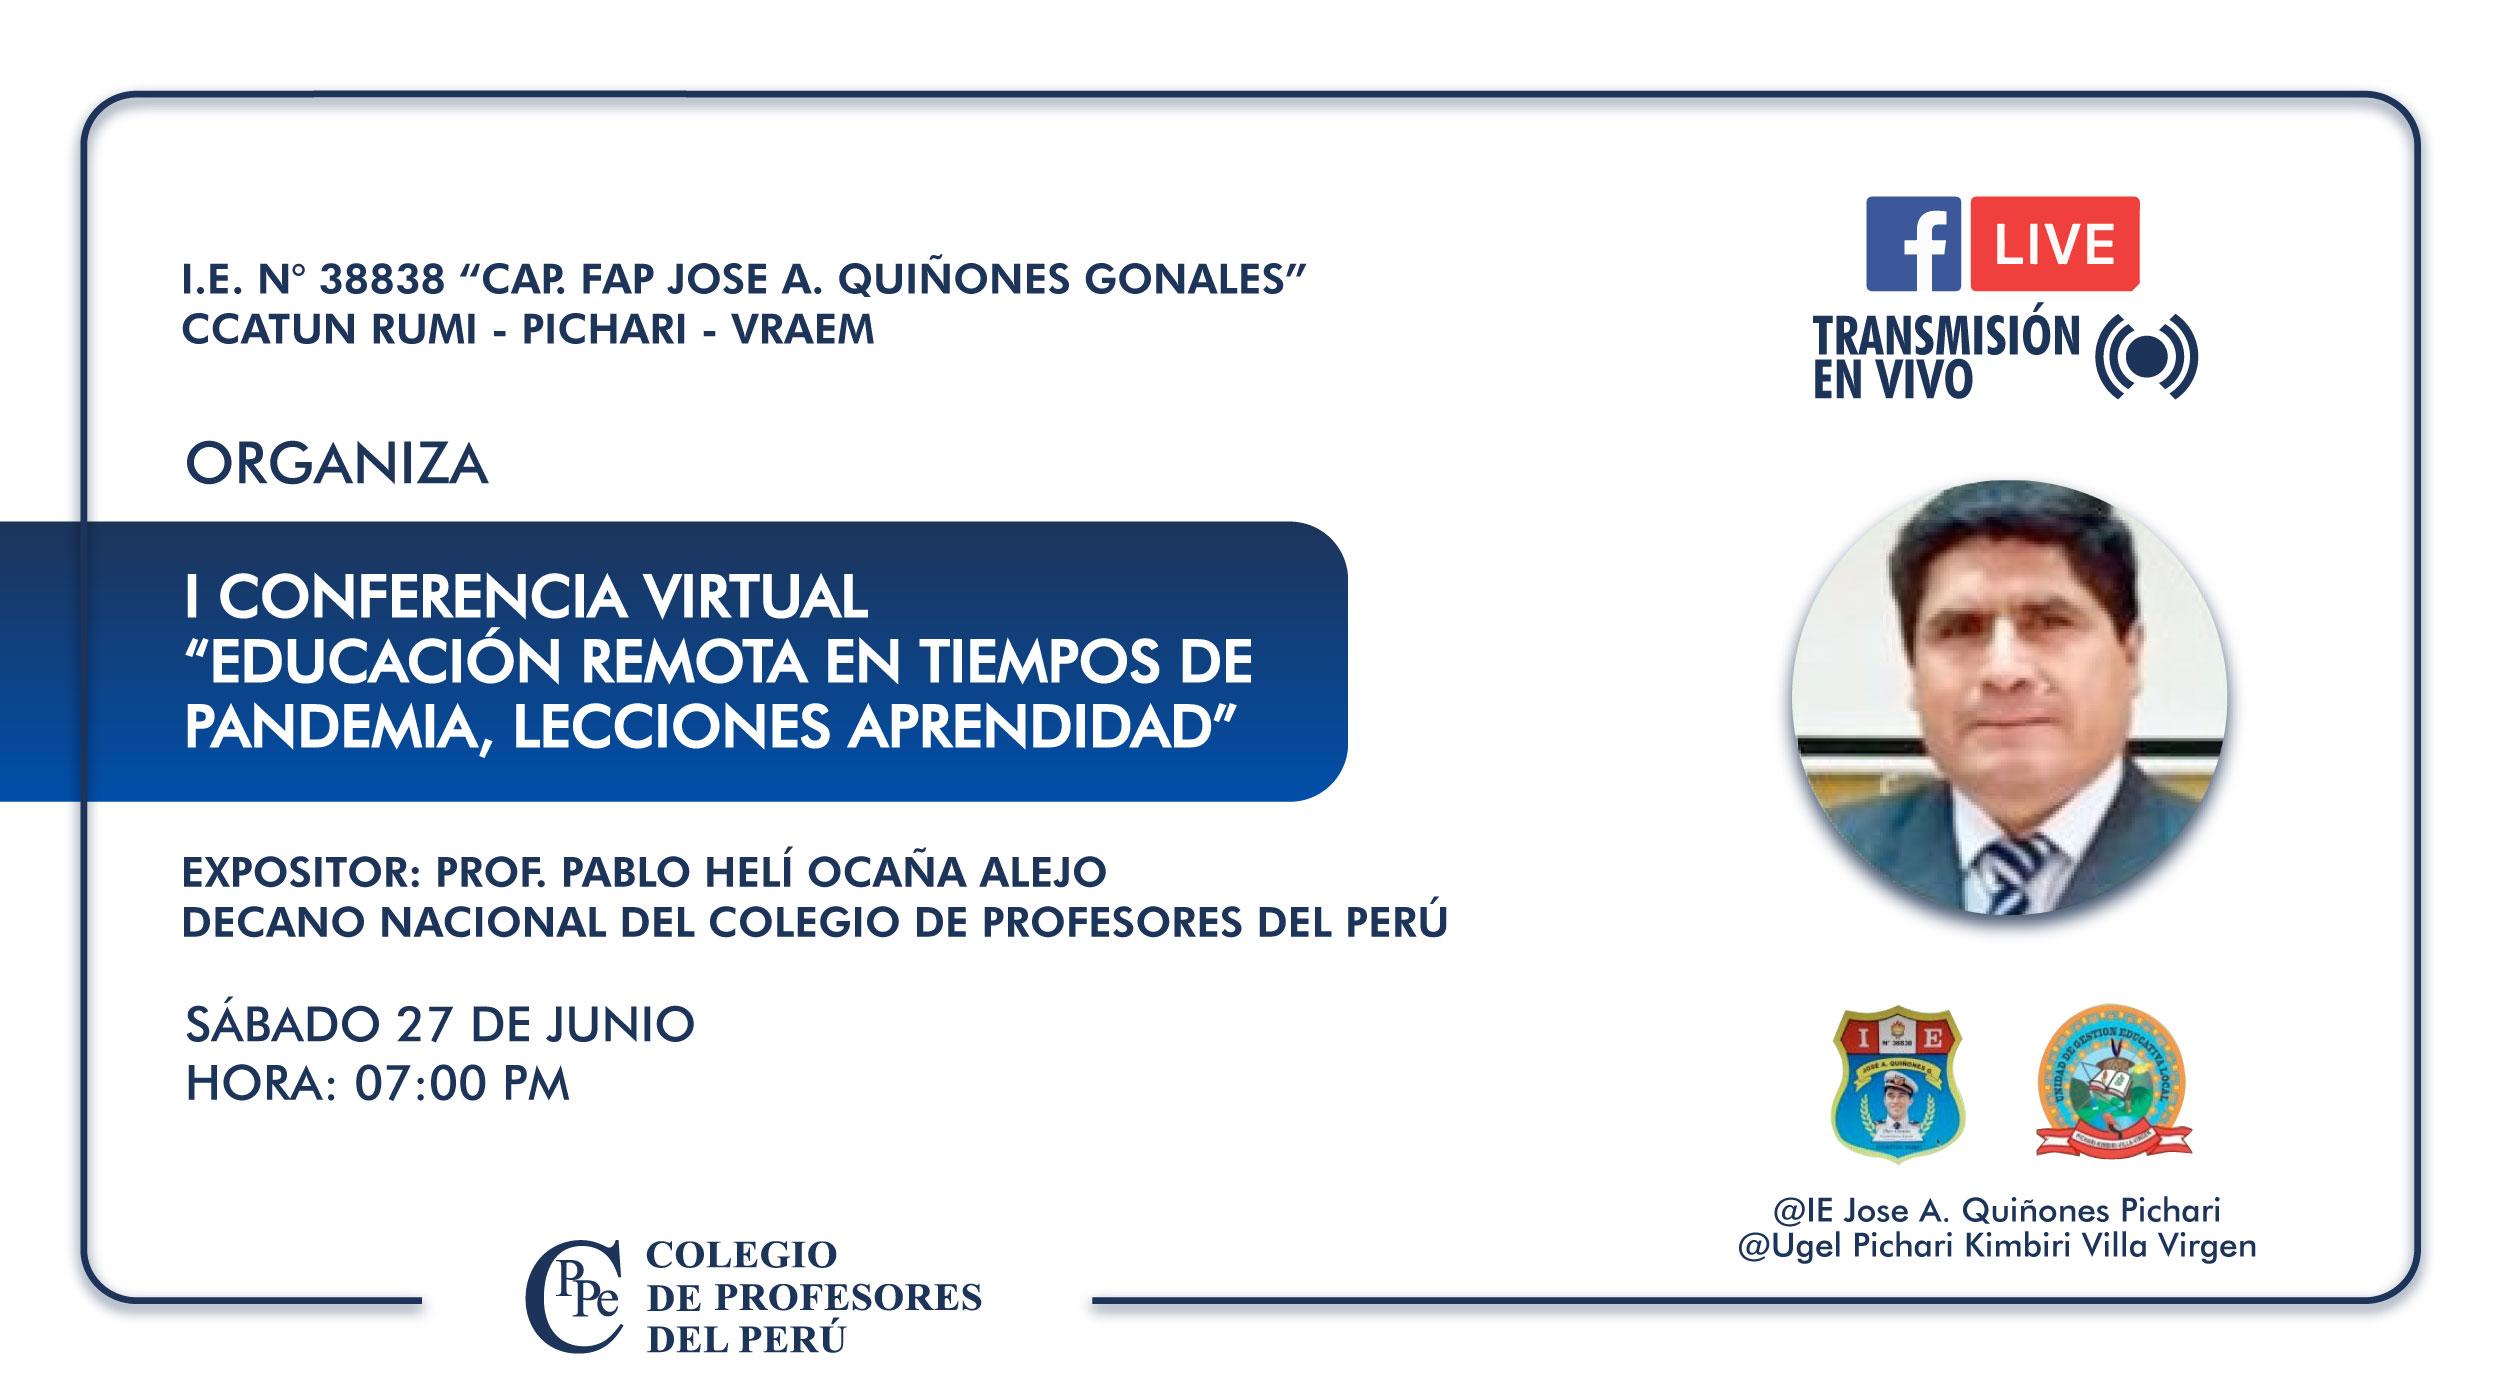 """CONFERENCIA VIRTUAL: """"EDUCACIÓN REMOTA EN TIEMPOS DE PANDEMIA, LECCIONES APRENDIDAS"""""""